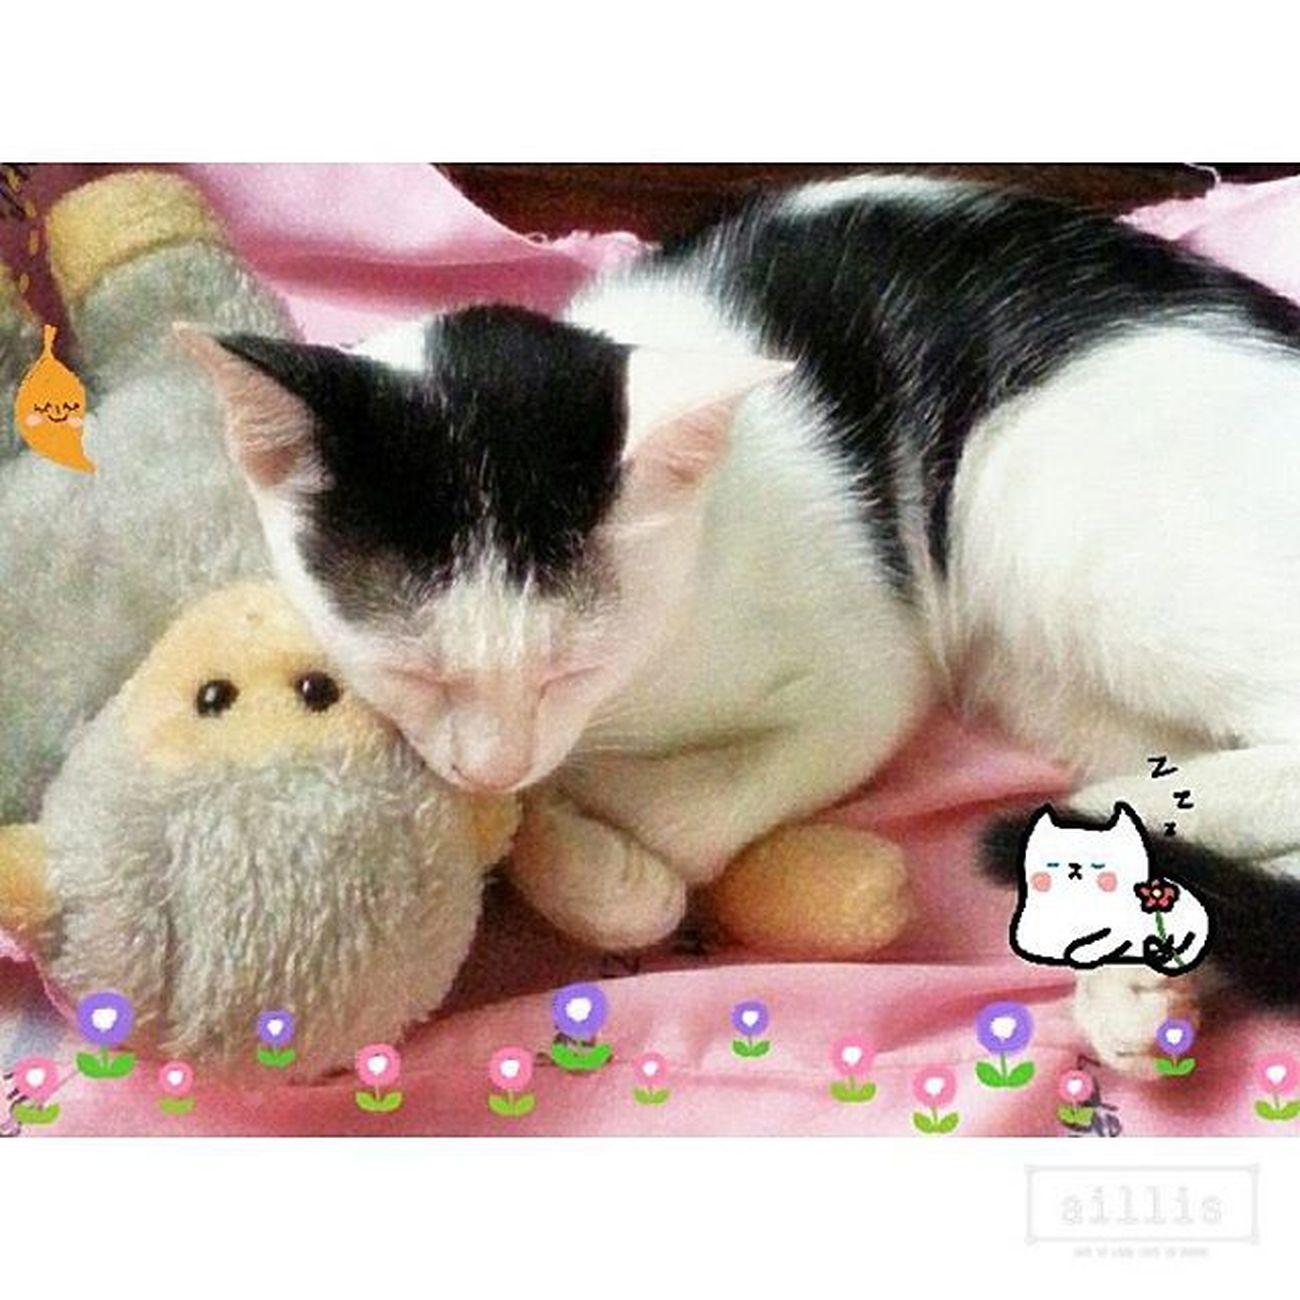 don't disturb...เวลานอนของนาง ให้ลิงเล่นกะแมว ให้แมวเล่นกะลิง ยูโรของข้า